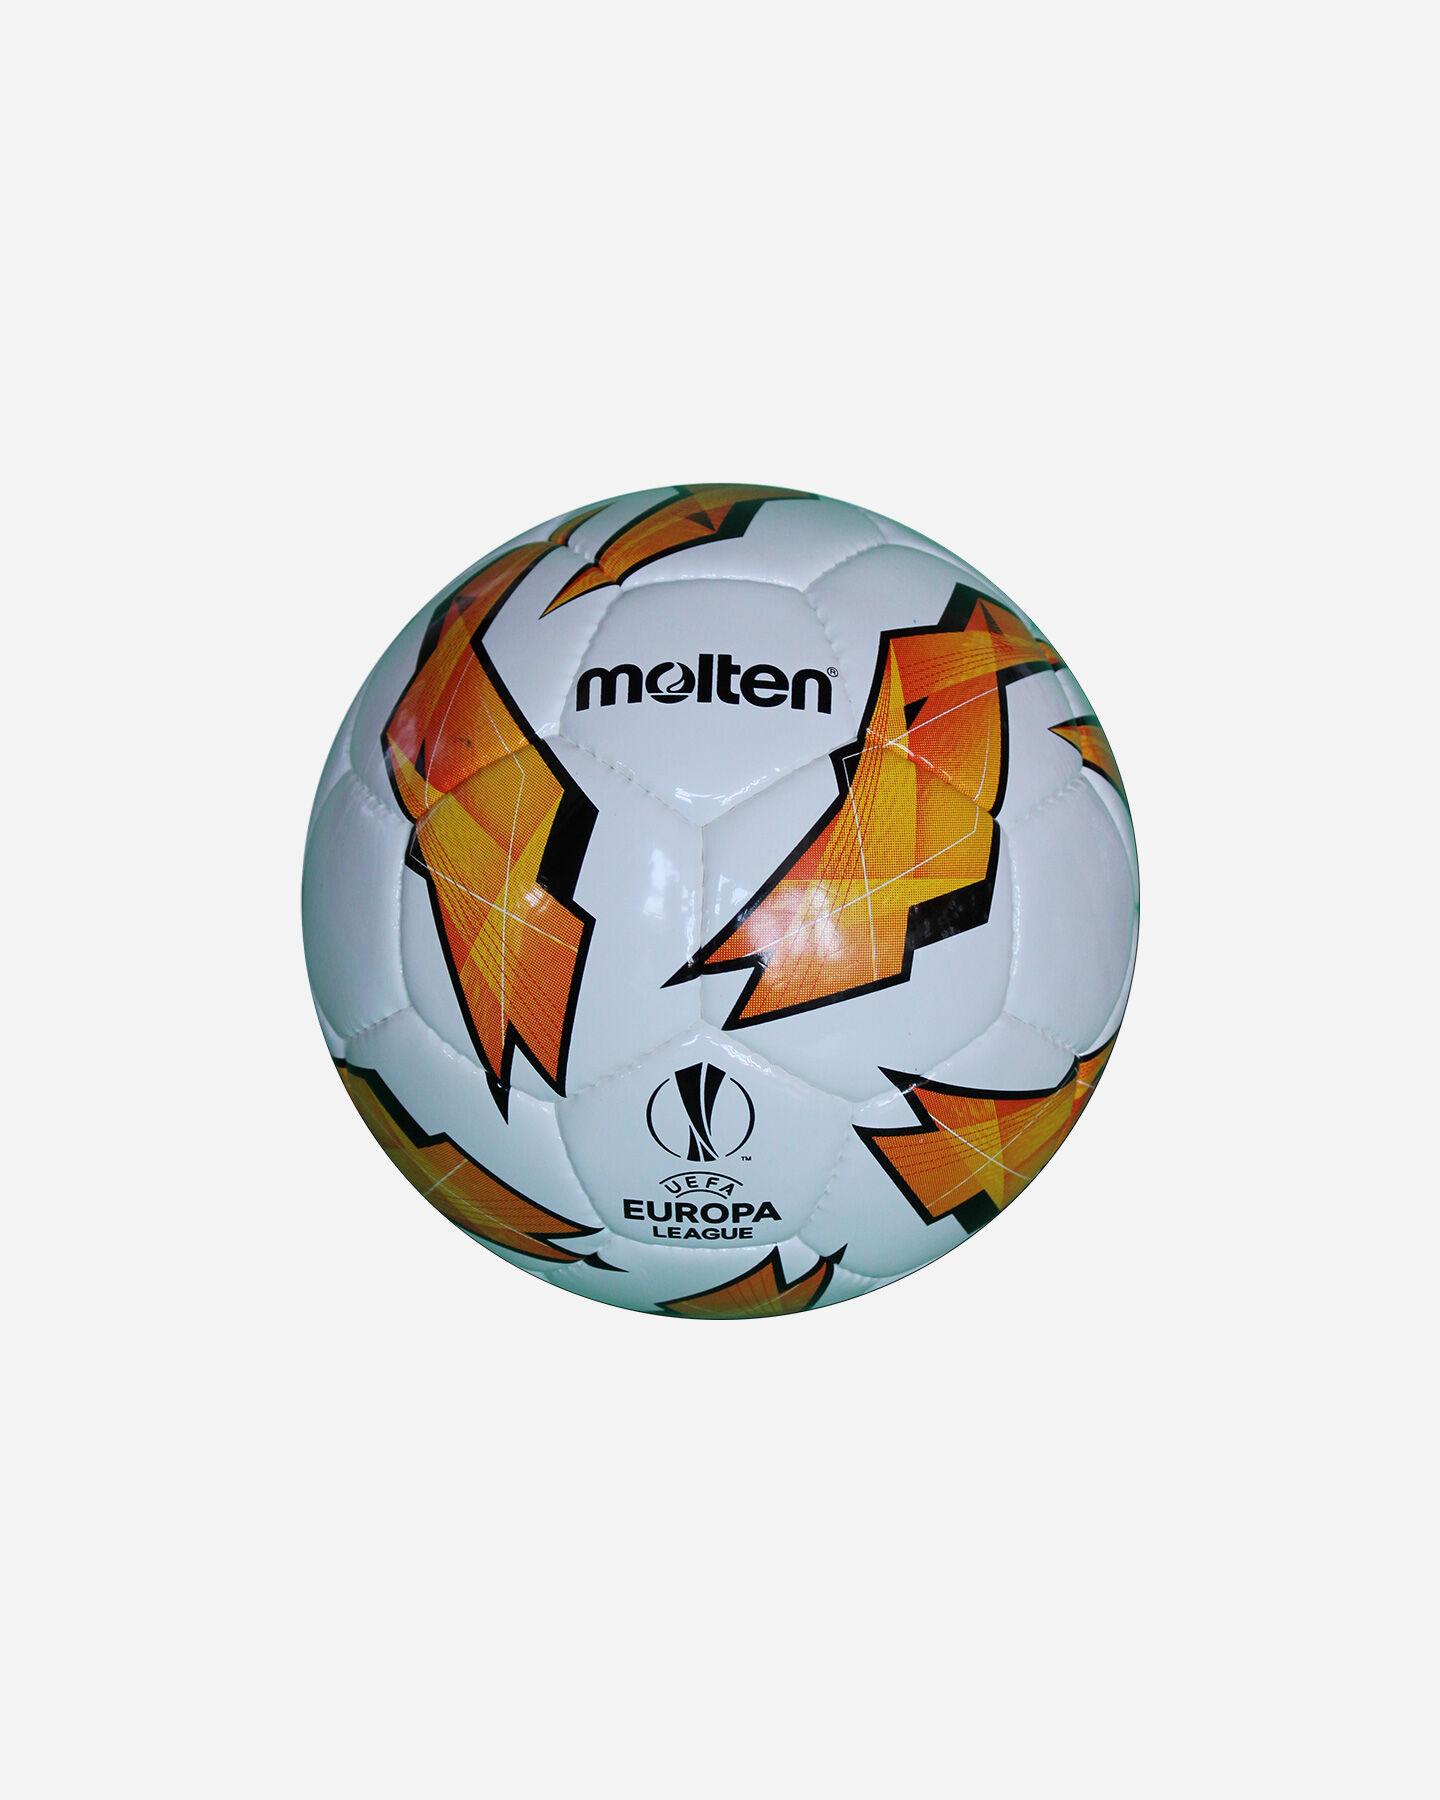 Pallone calcio MOLTEN EUROPA LEAGUE TPU 2.0 MIS.5 S4054081|1|5 scatto 0